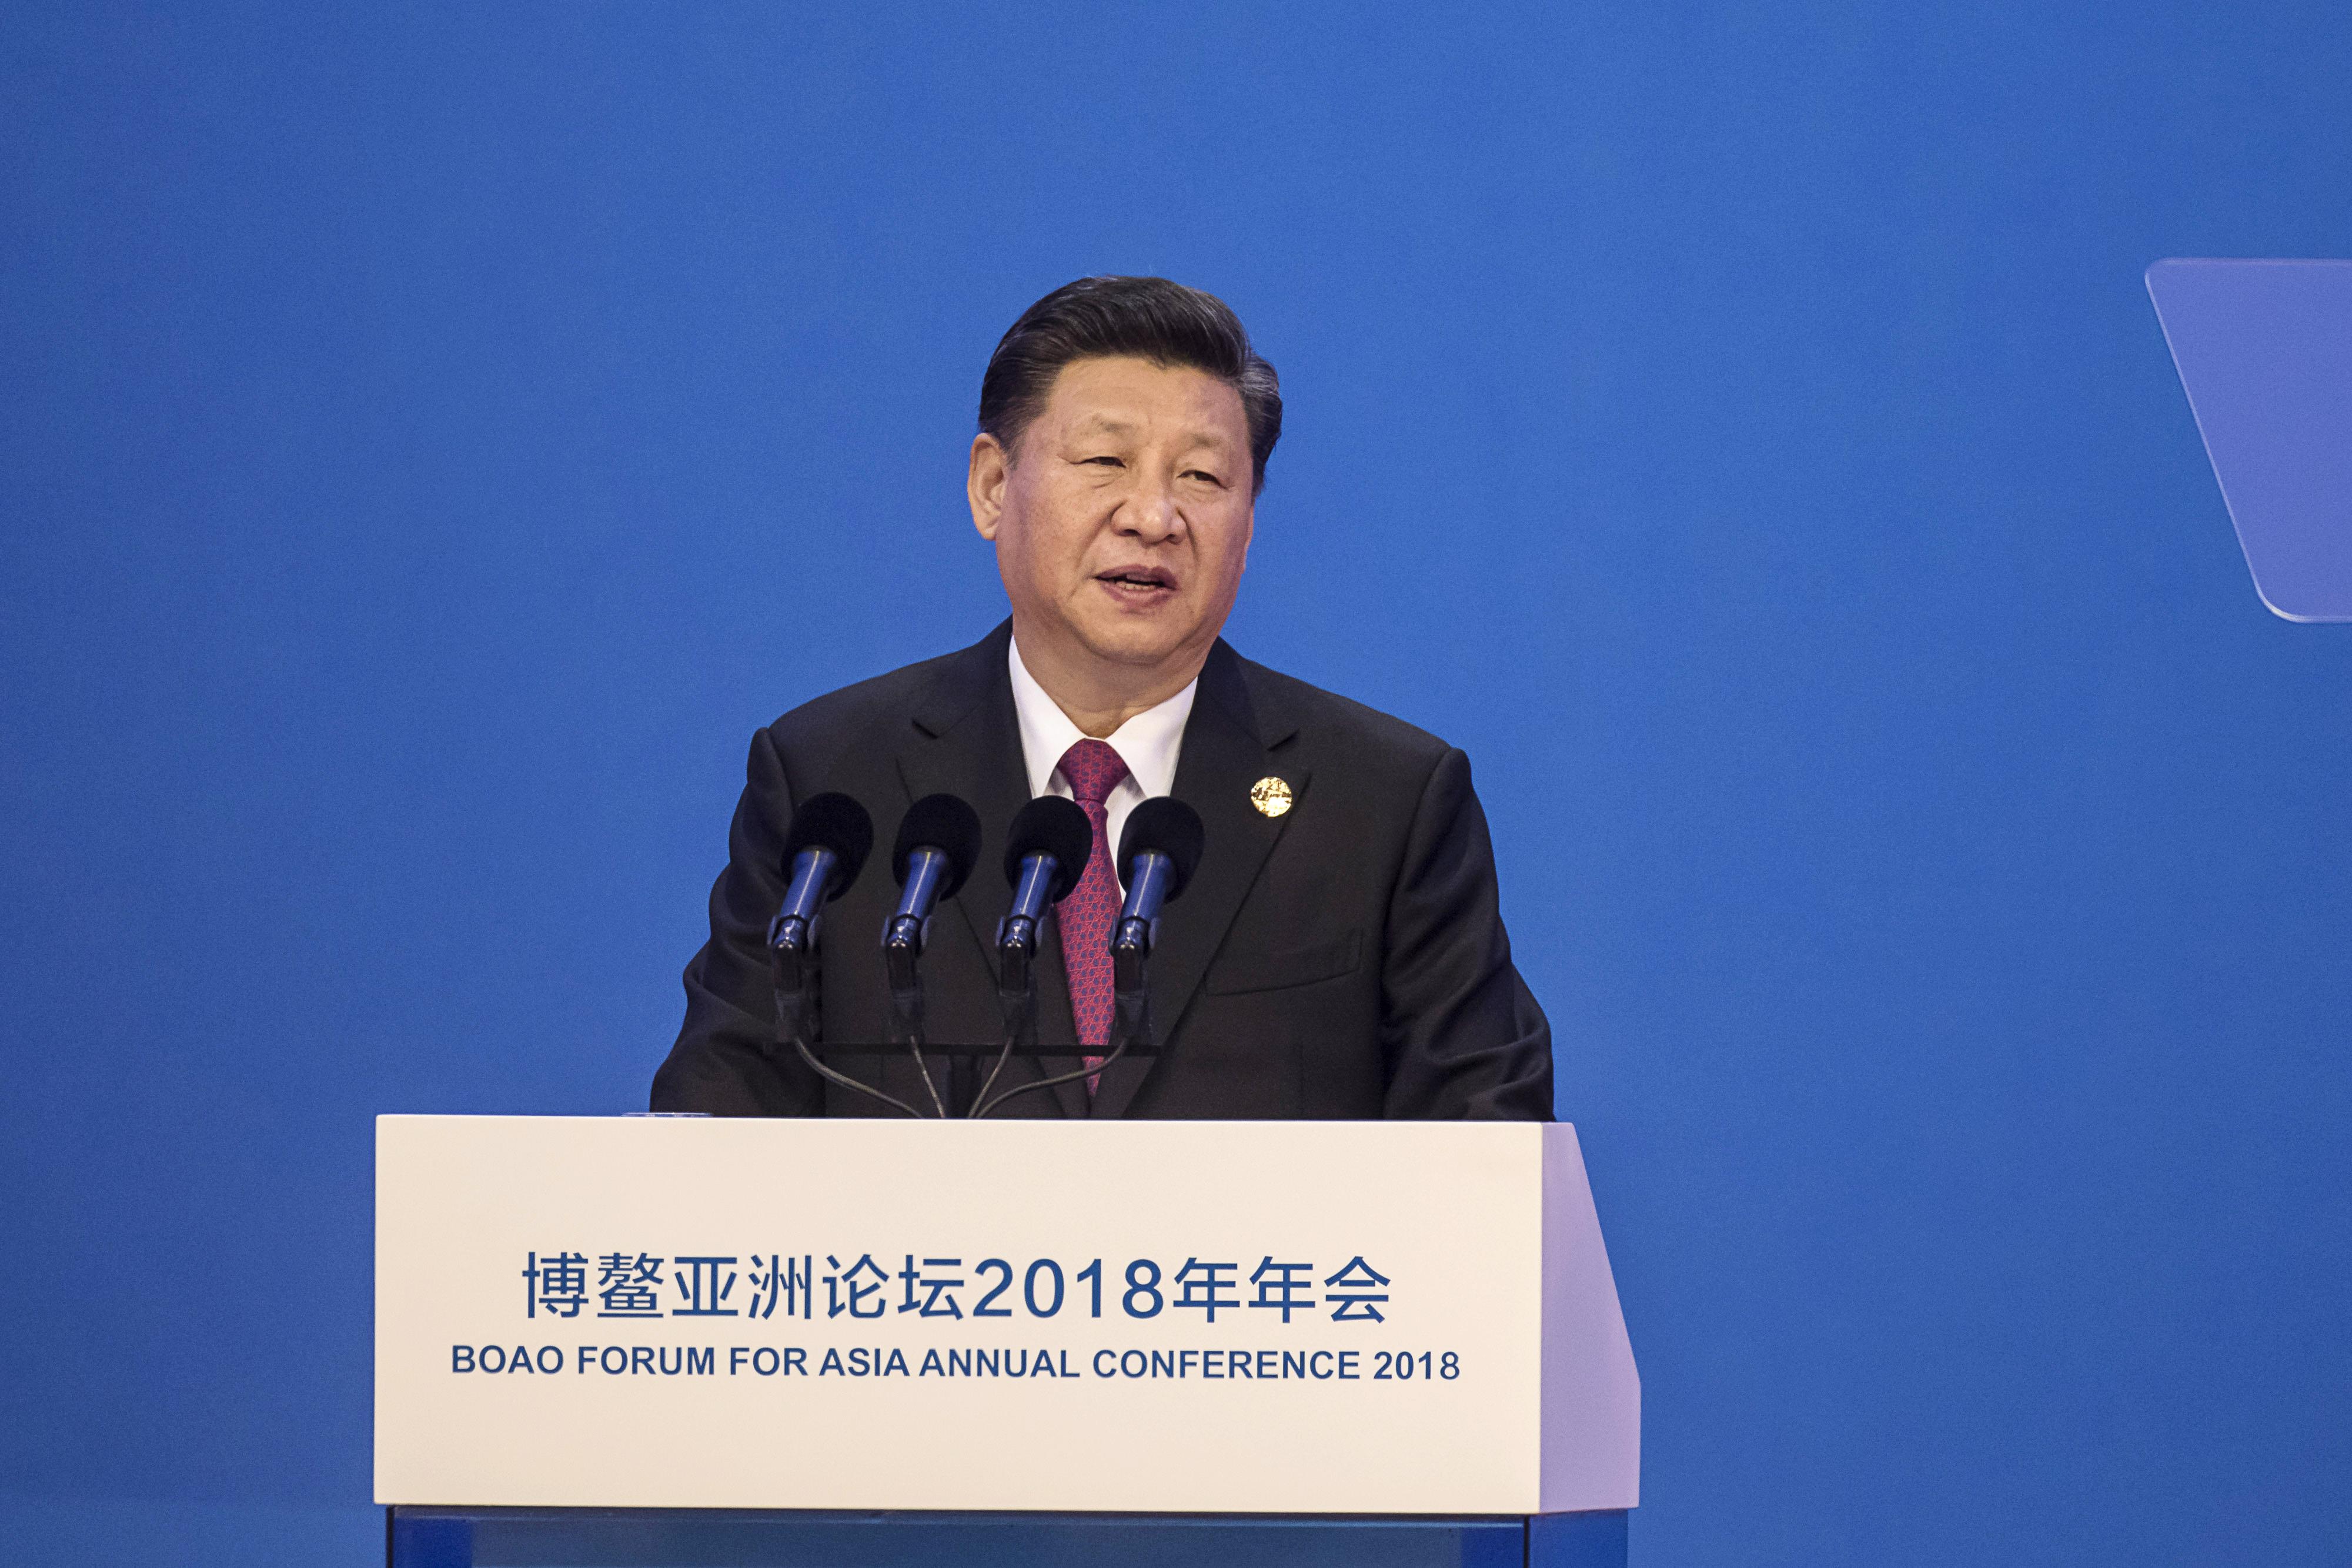 China President Xi Jinping trade war fears abate